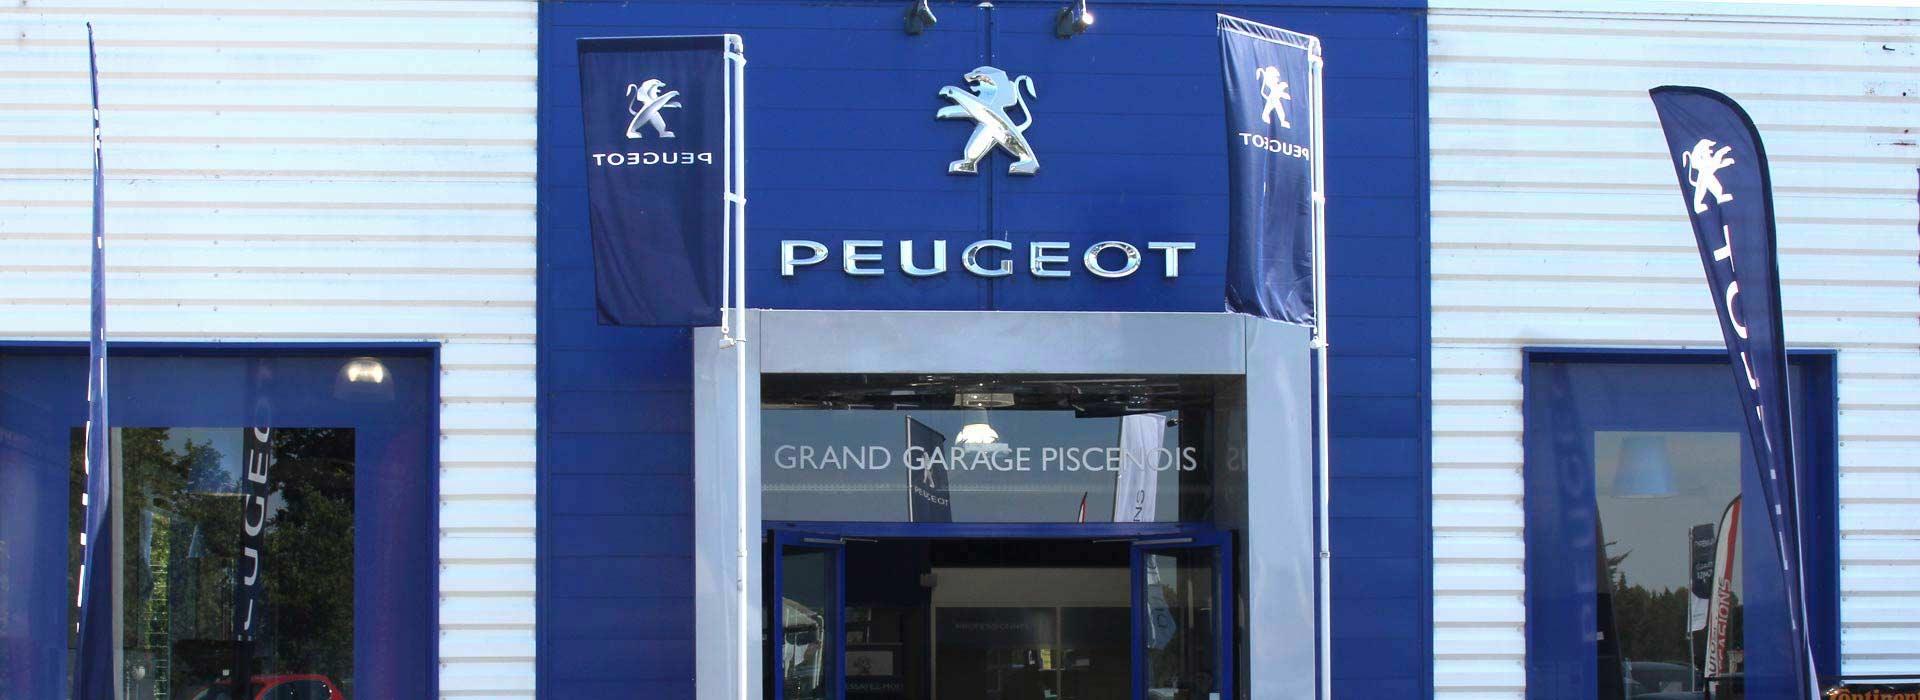 Peugeot pezenas concessionnaire garage h rault 34 for Garage delvaux pezenas